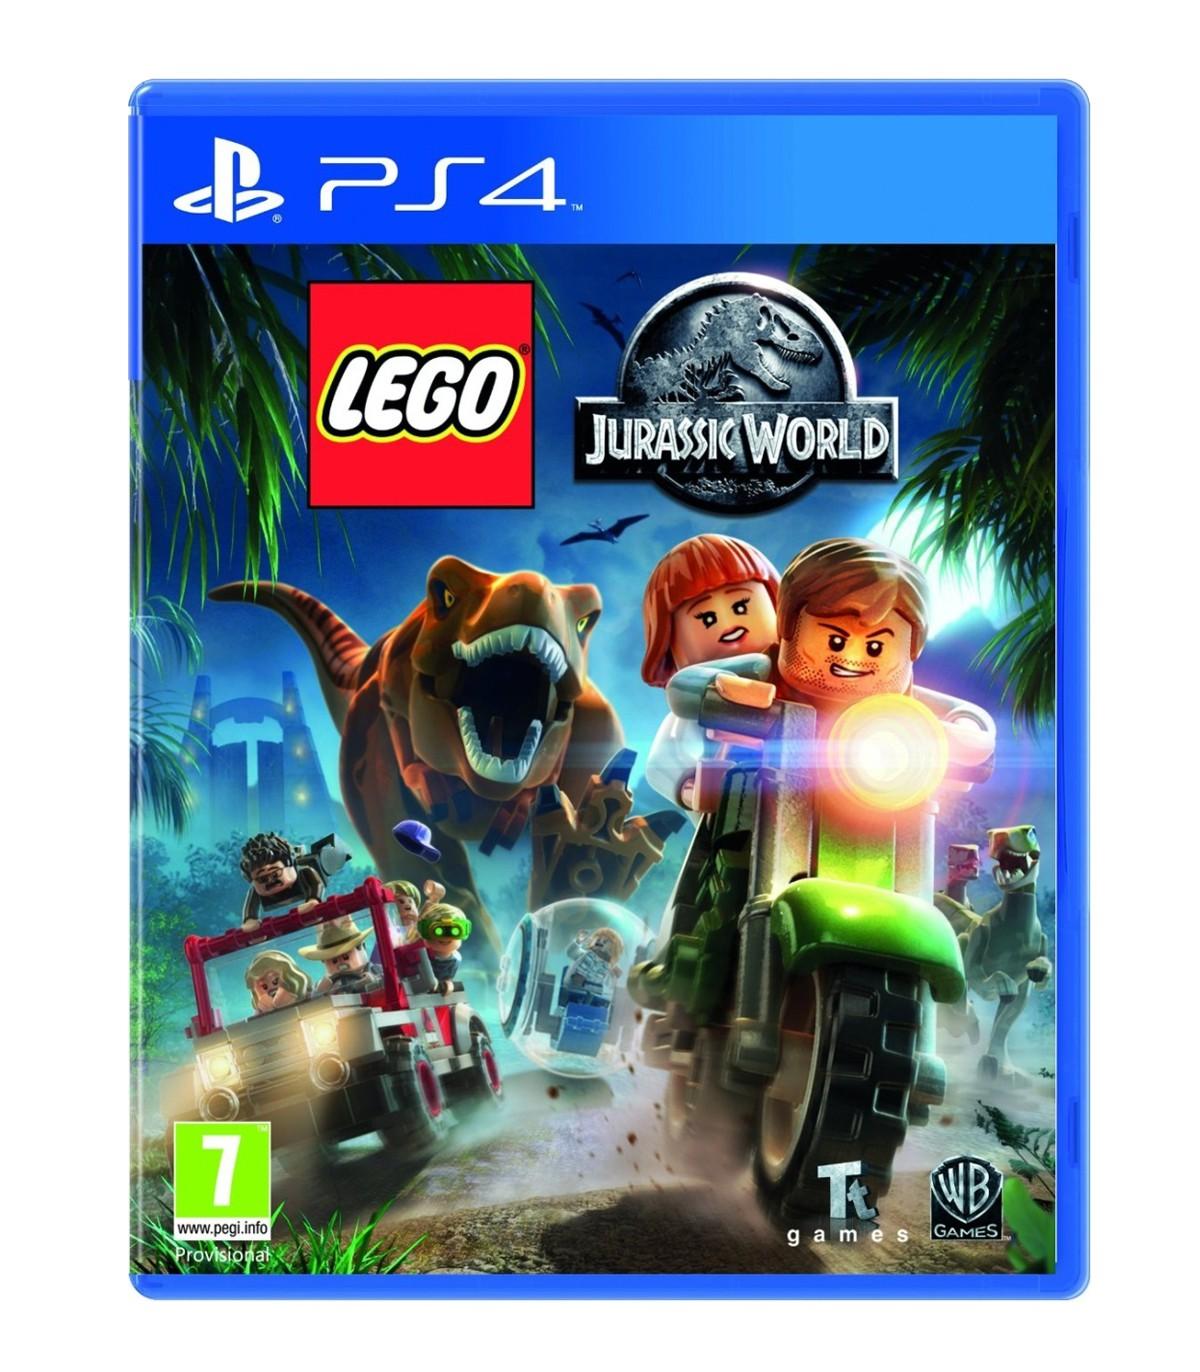 بازی Lego Jurassic World - پلی استیشن 4